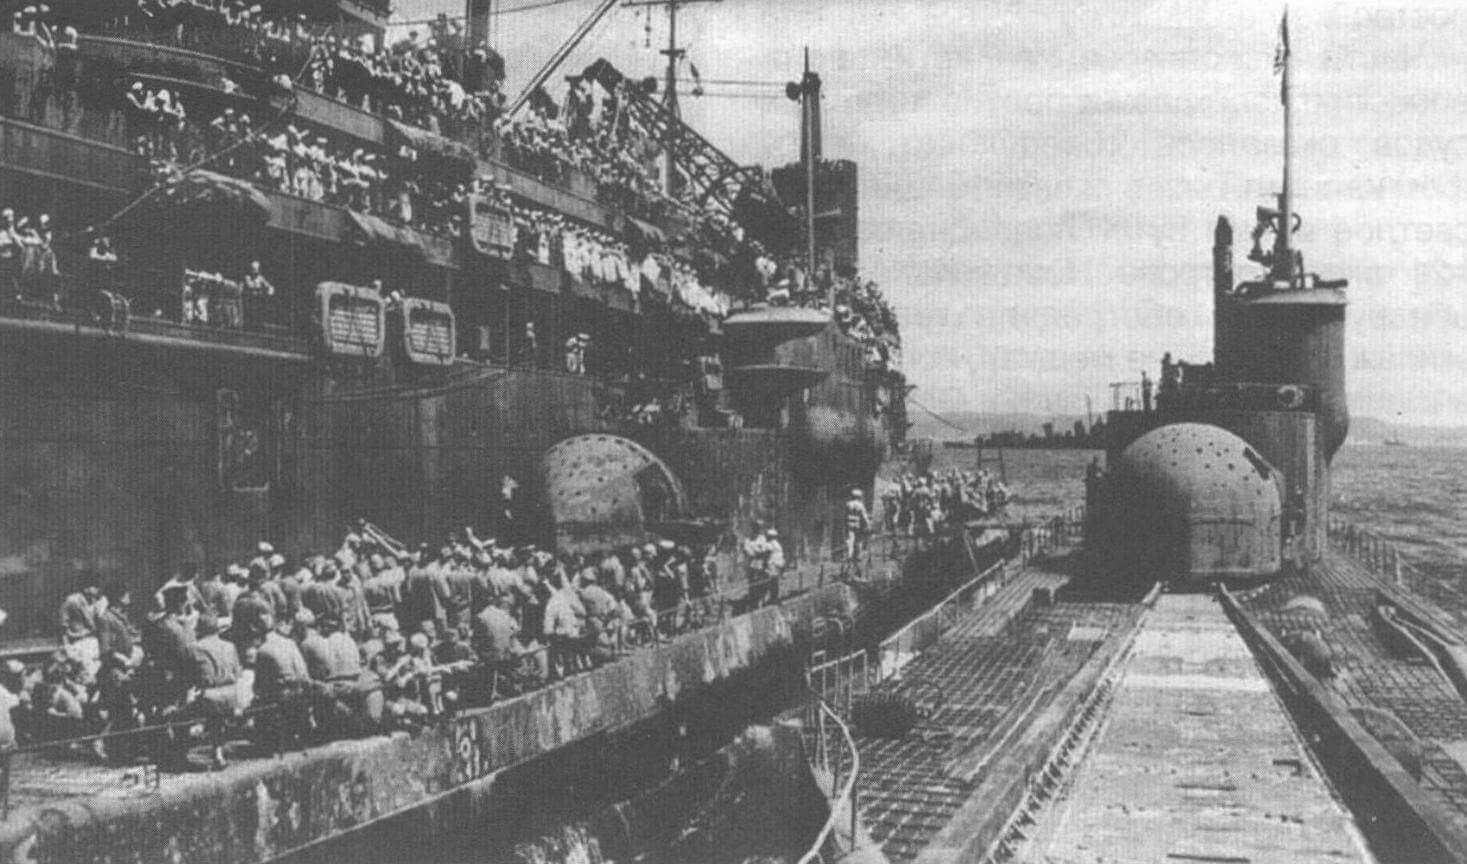 Подводная лодка I-400, на палубе которой видны ангар и направляющие катапульты для запуска самолета